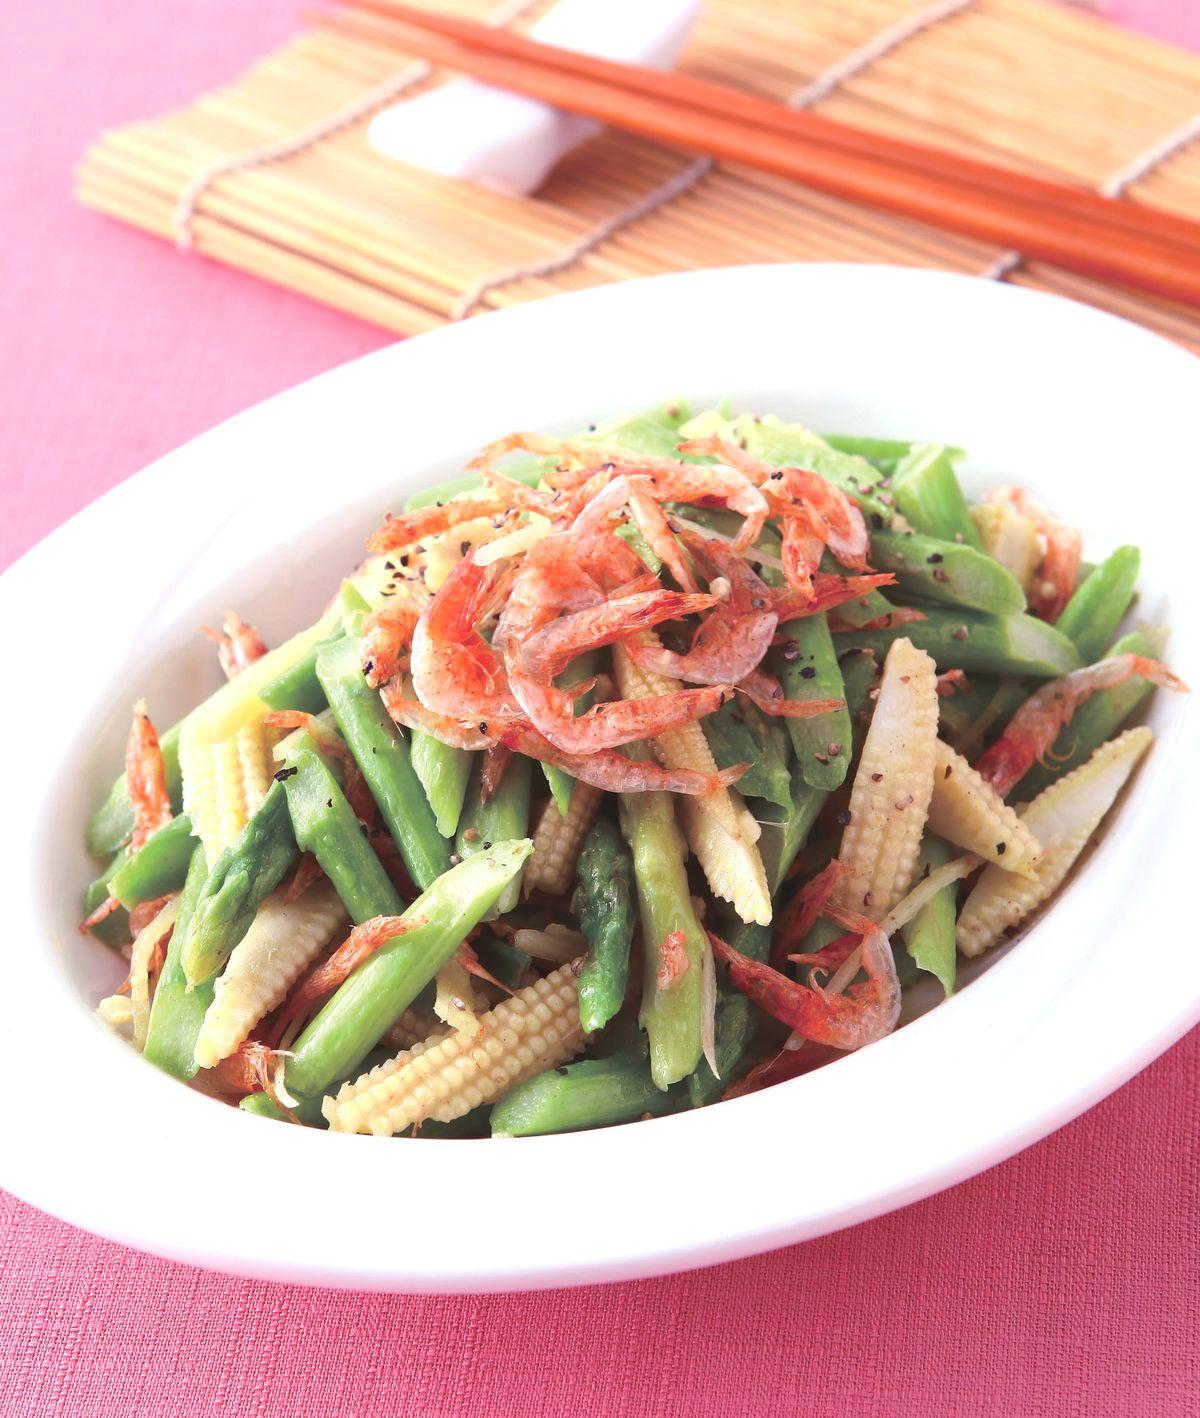 食譜:櫻花蝦炒蘆筍